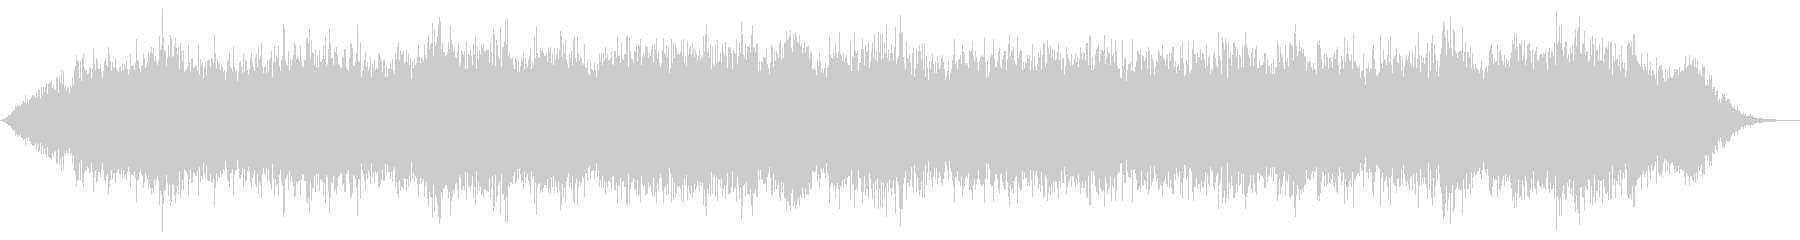 【ダークアンビエント】シーンBGM_02の未再生の波形